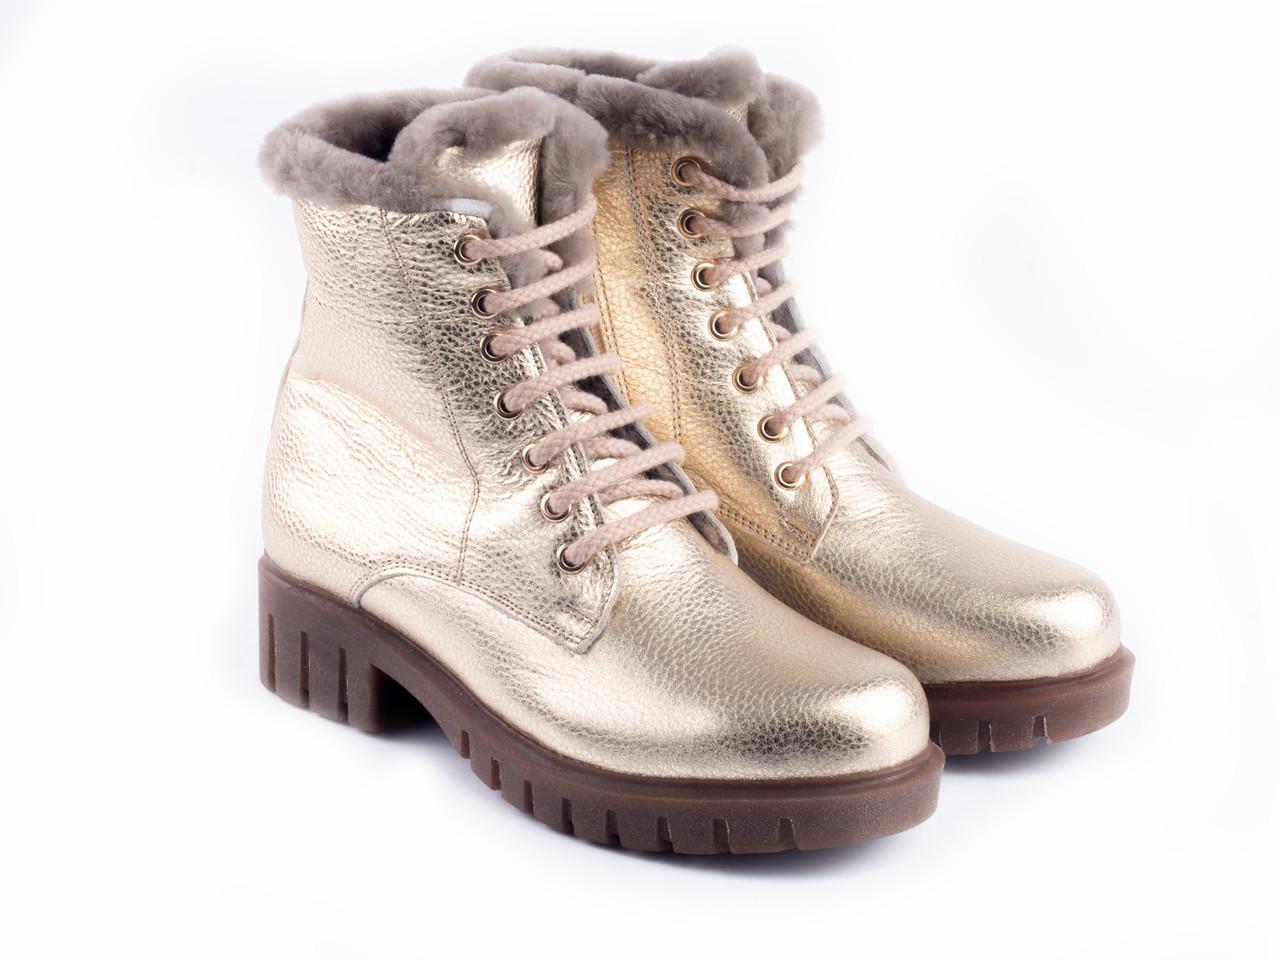 Ботинки Etor 6623-21554 39 золотистые